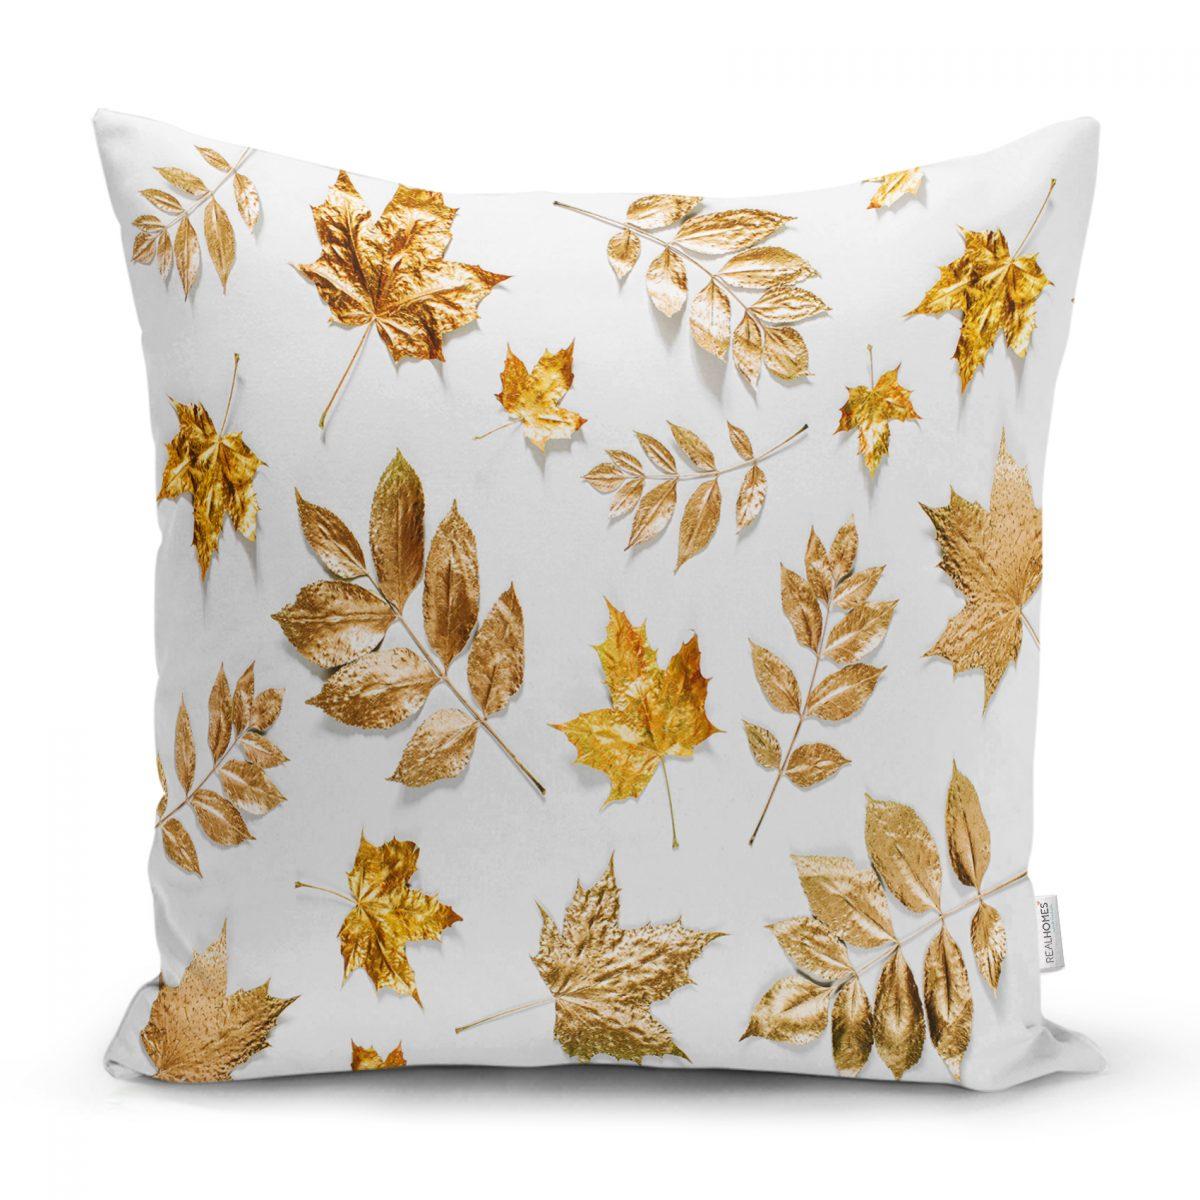 Beyaz Zeminde Altın Yapraklar Desenli Dijital Baskılı Yastık Kılıfı Realhomes